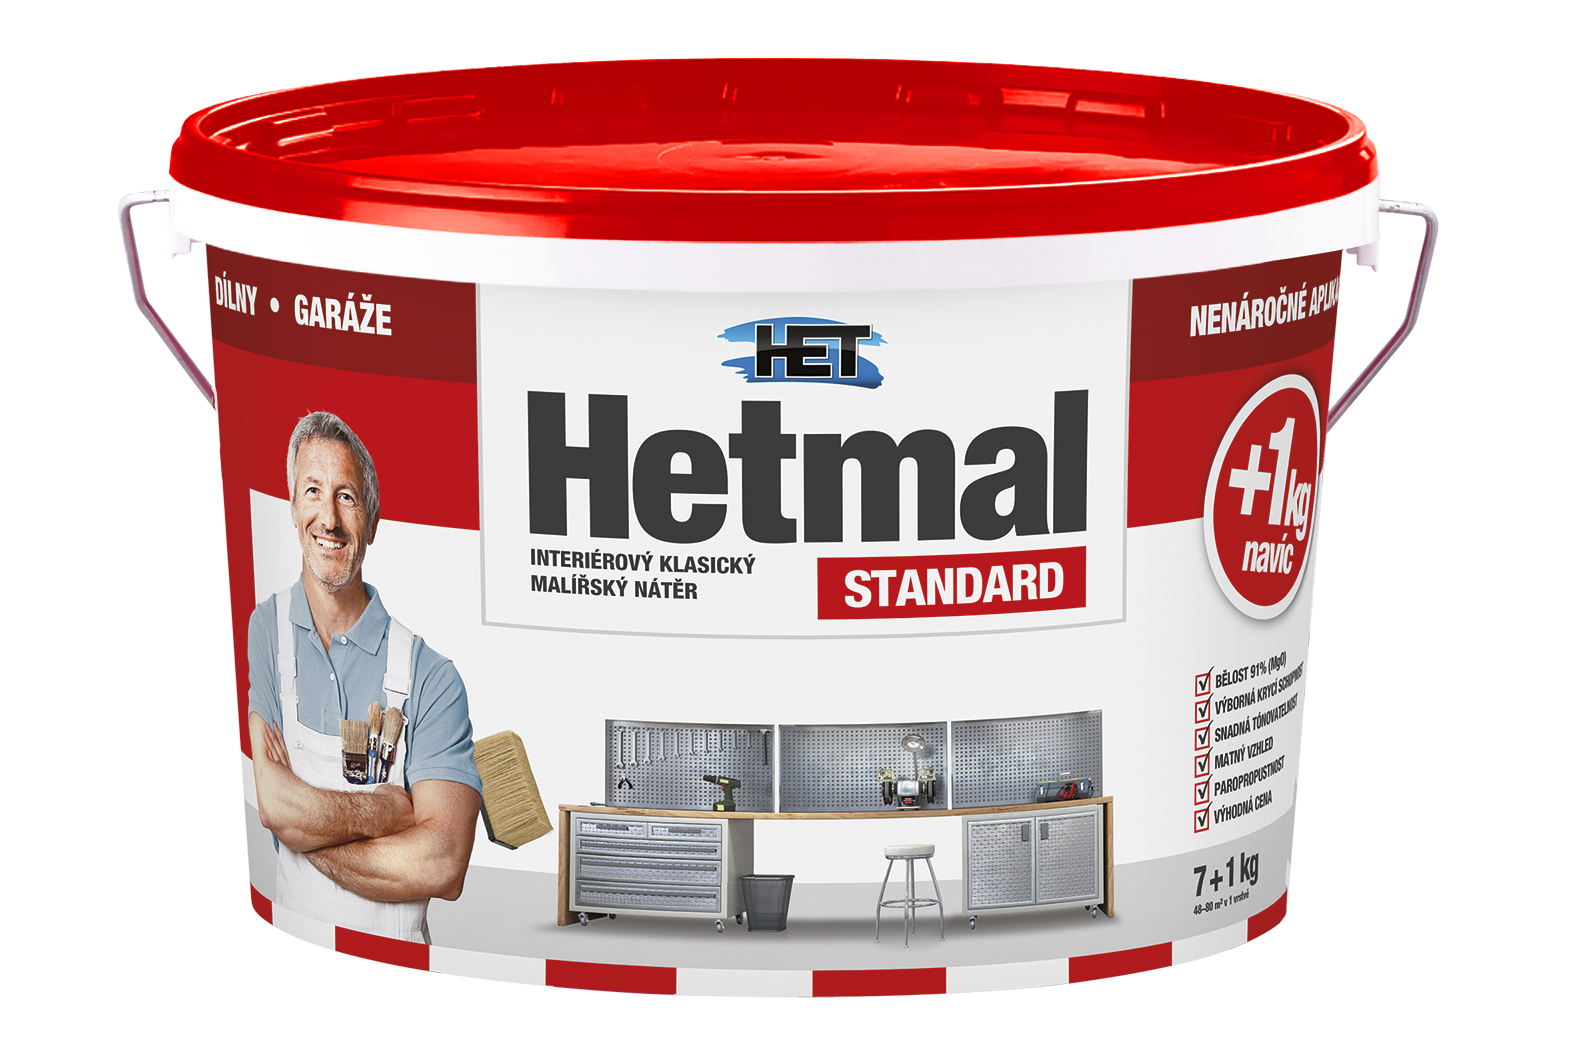 Hetmal_Standard_7+1kg